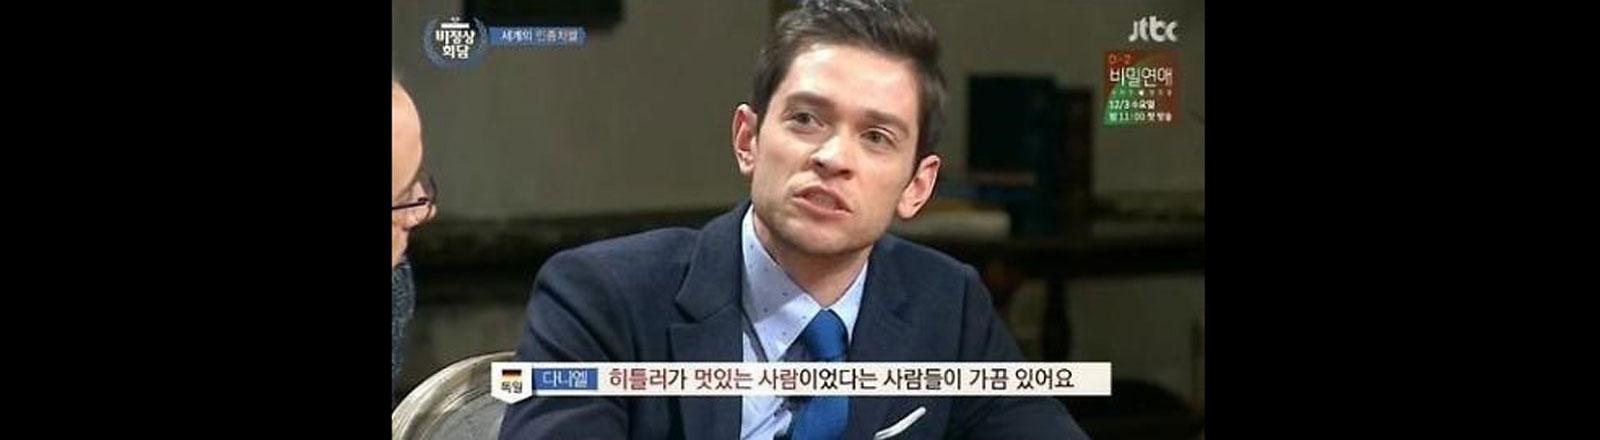 """Der Rheinländer Daniel Lindemann ist ein Star in der Sendung """"Non Summit"""" des koreanischen Kabelfernsehens JTBC."""